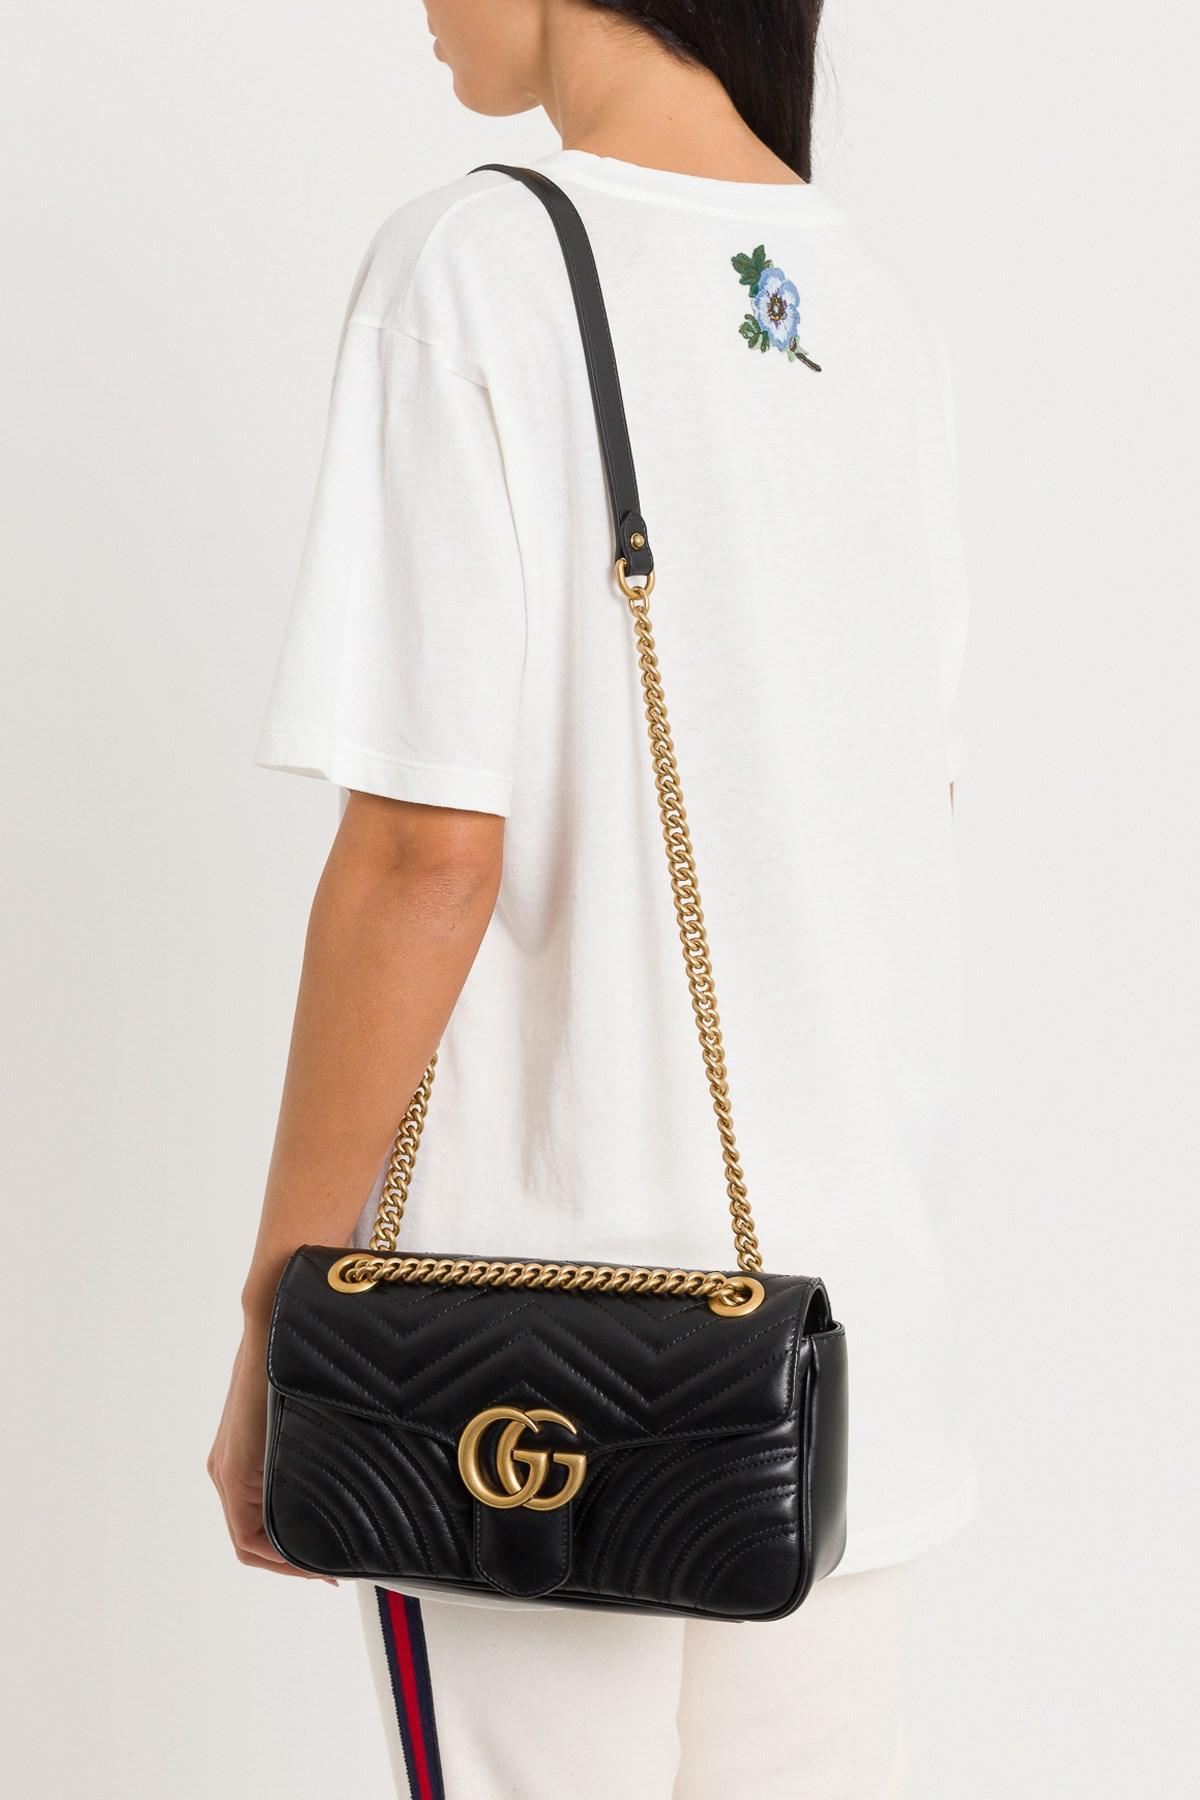 GUCCI Calfskin Matelasse Large GG Marmont Shoulder Bag Old